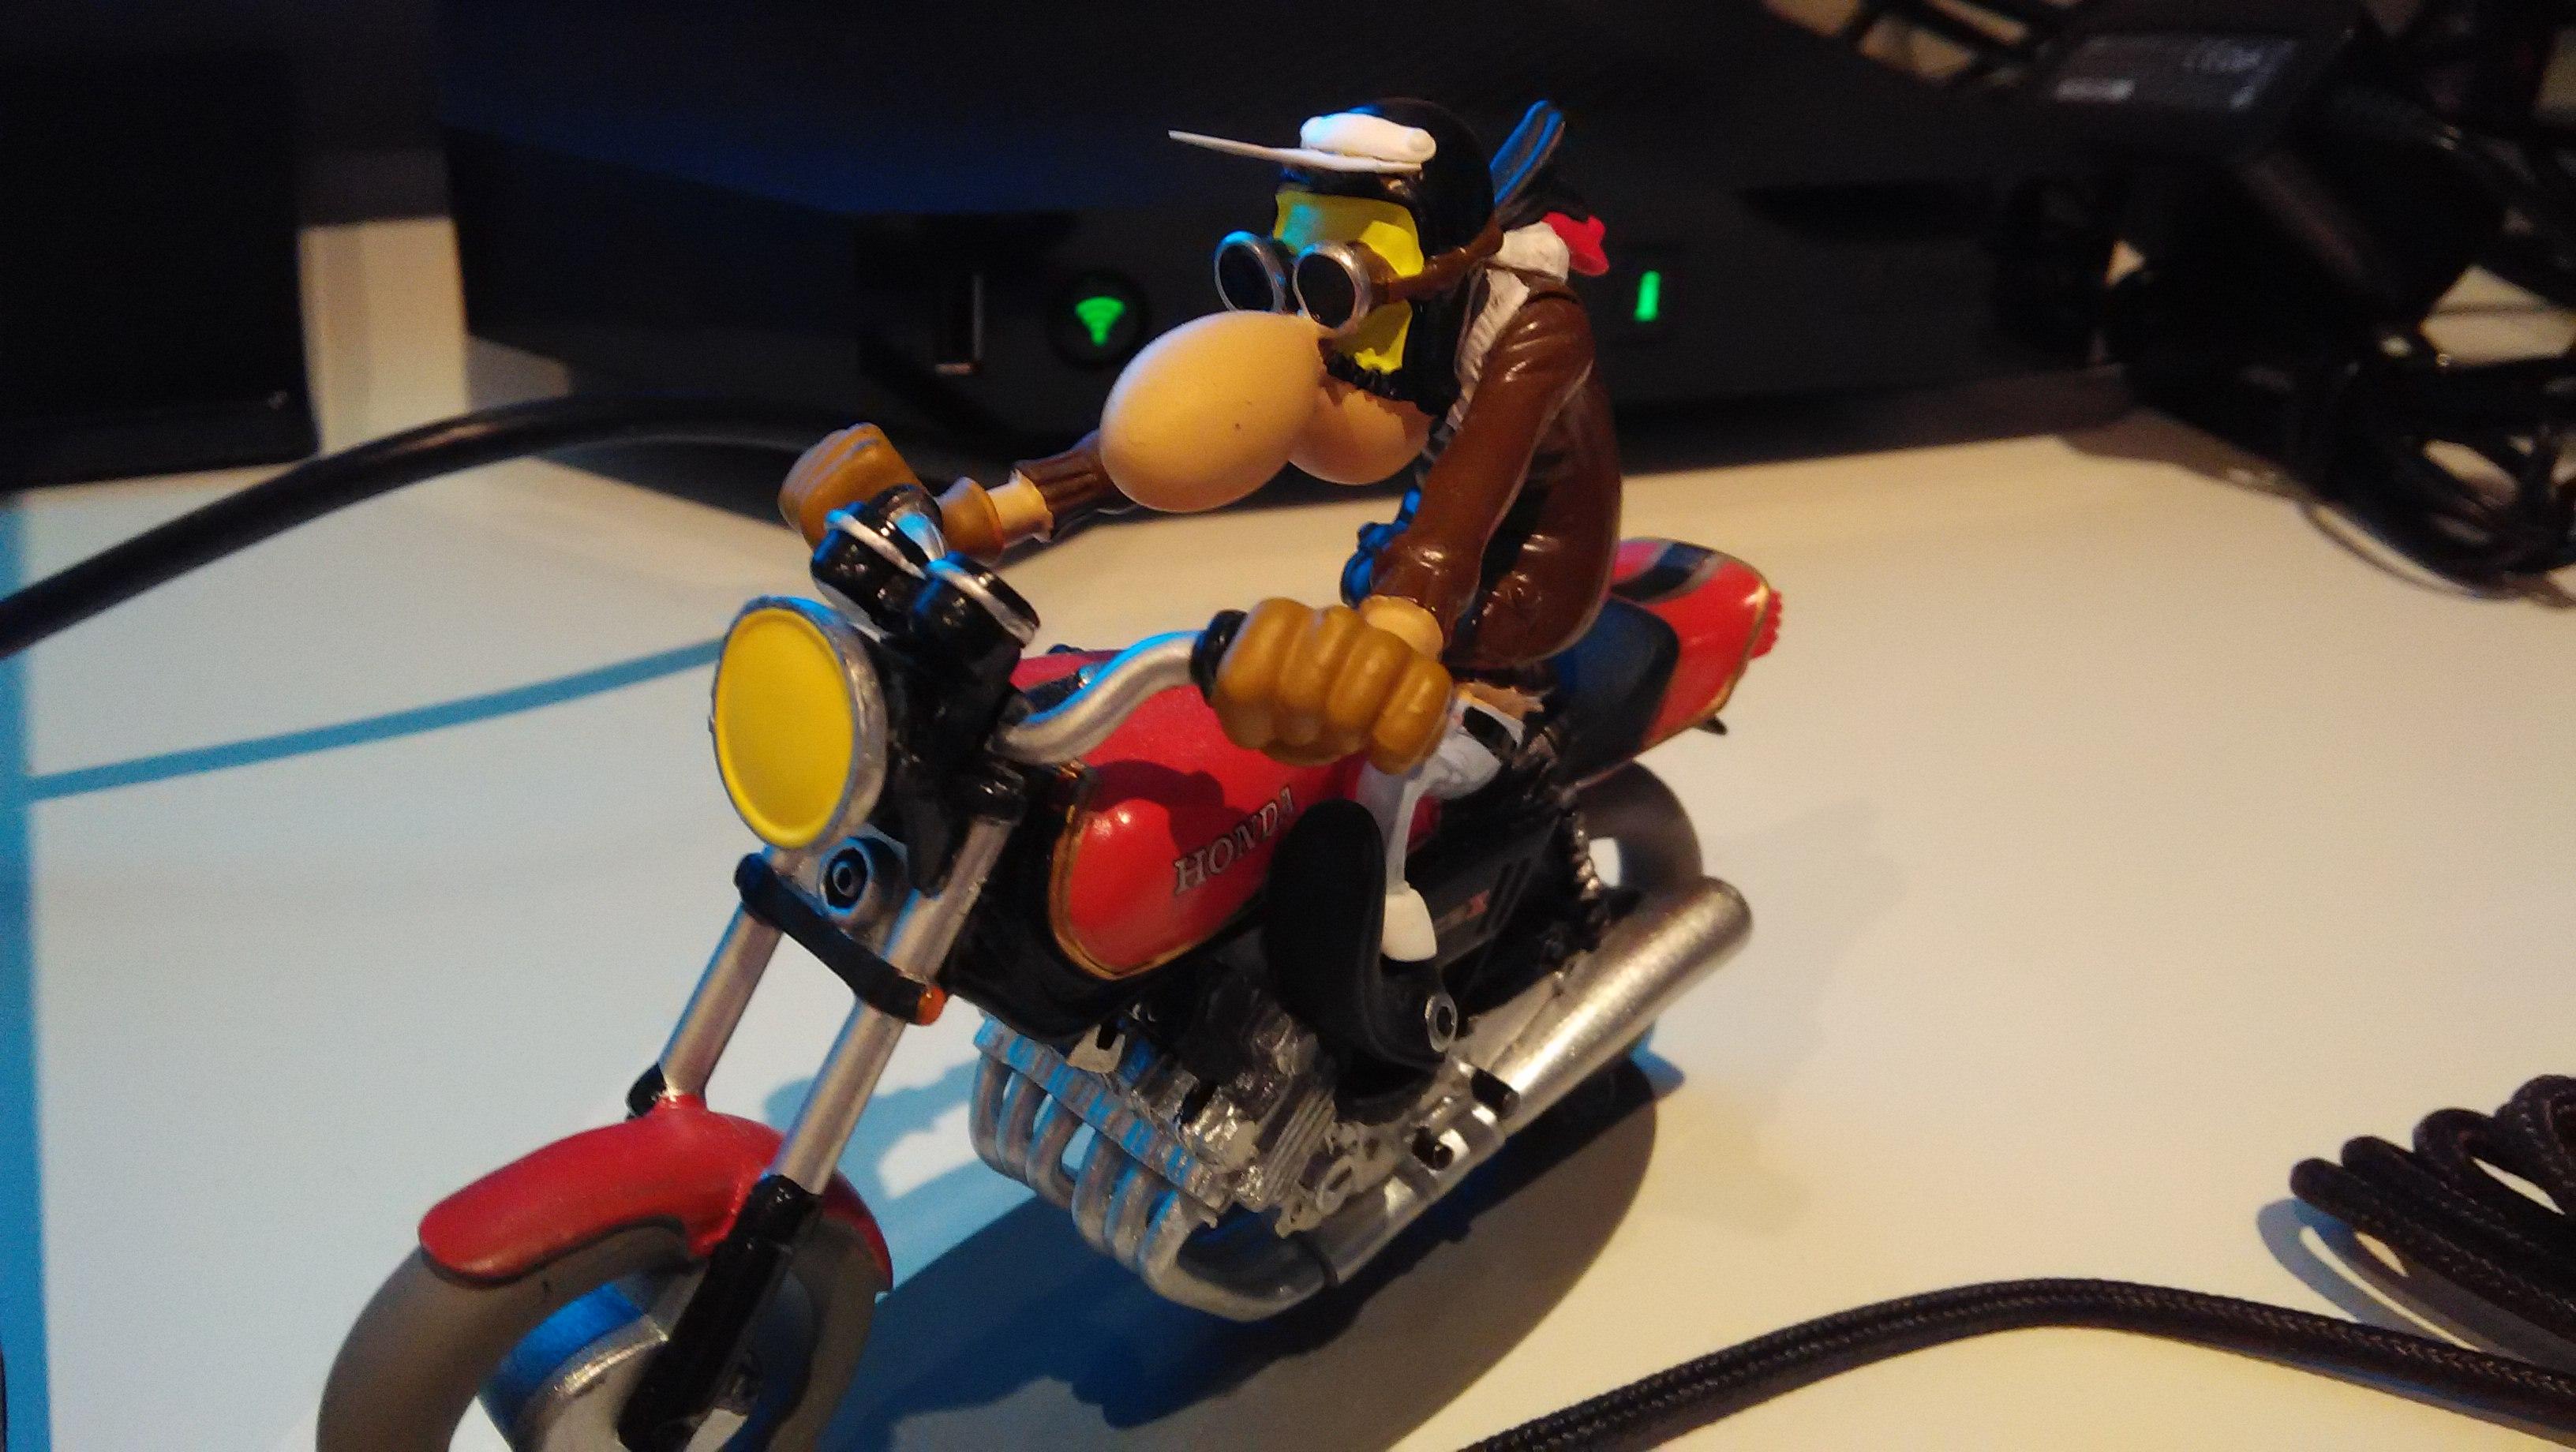 Échantillon photo : figurine de motard.